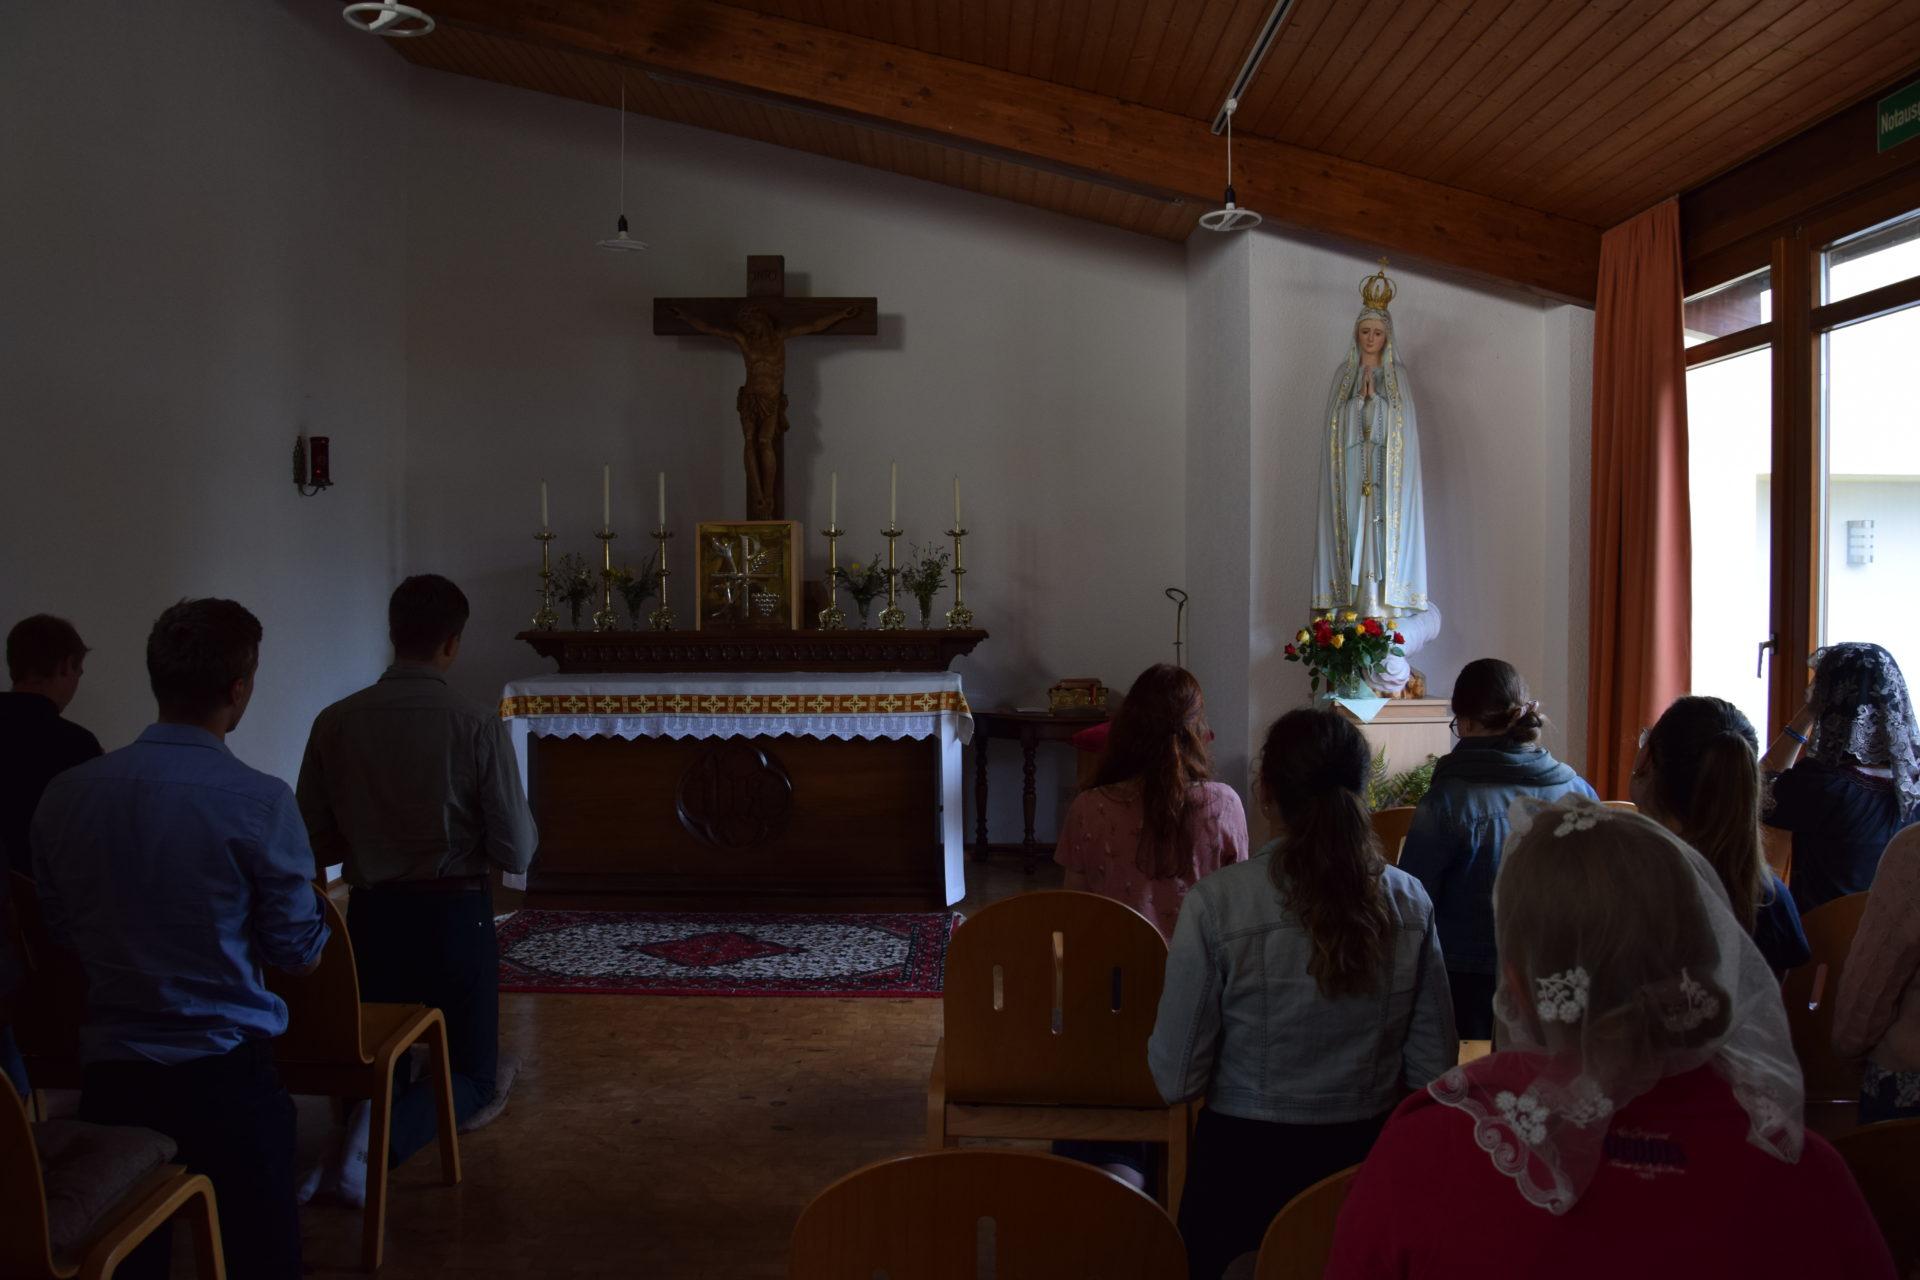 Personen beim Gebet